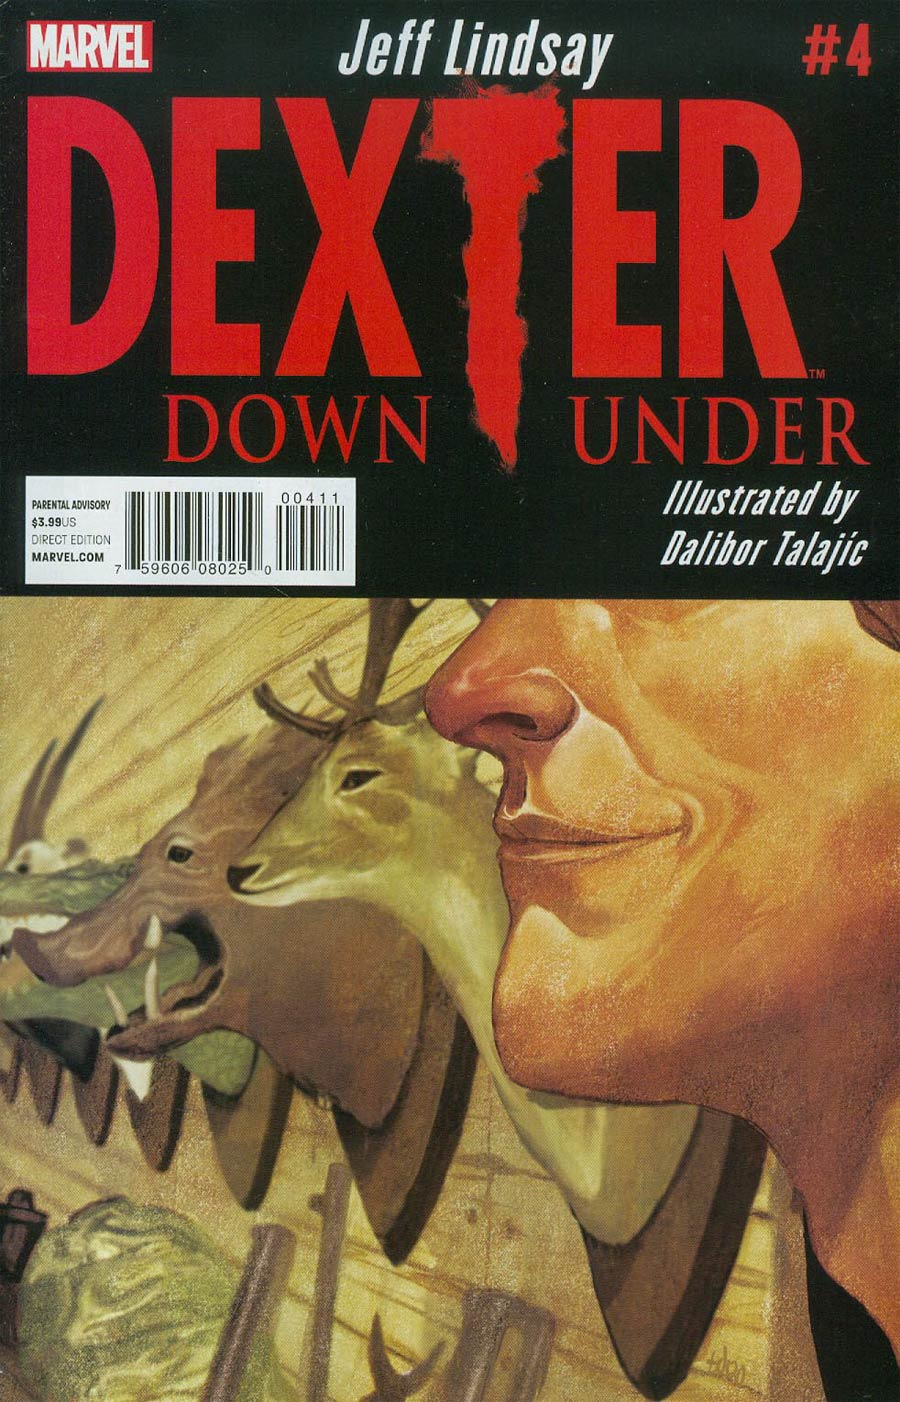 Dexter Down Under #4